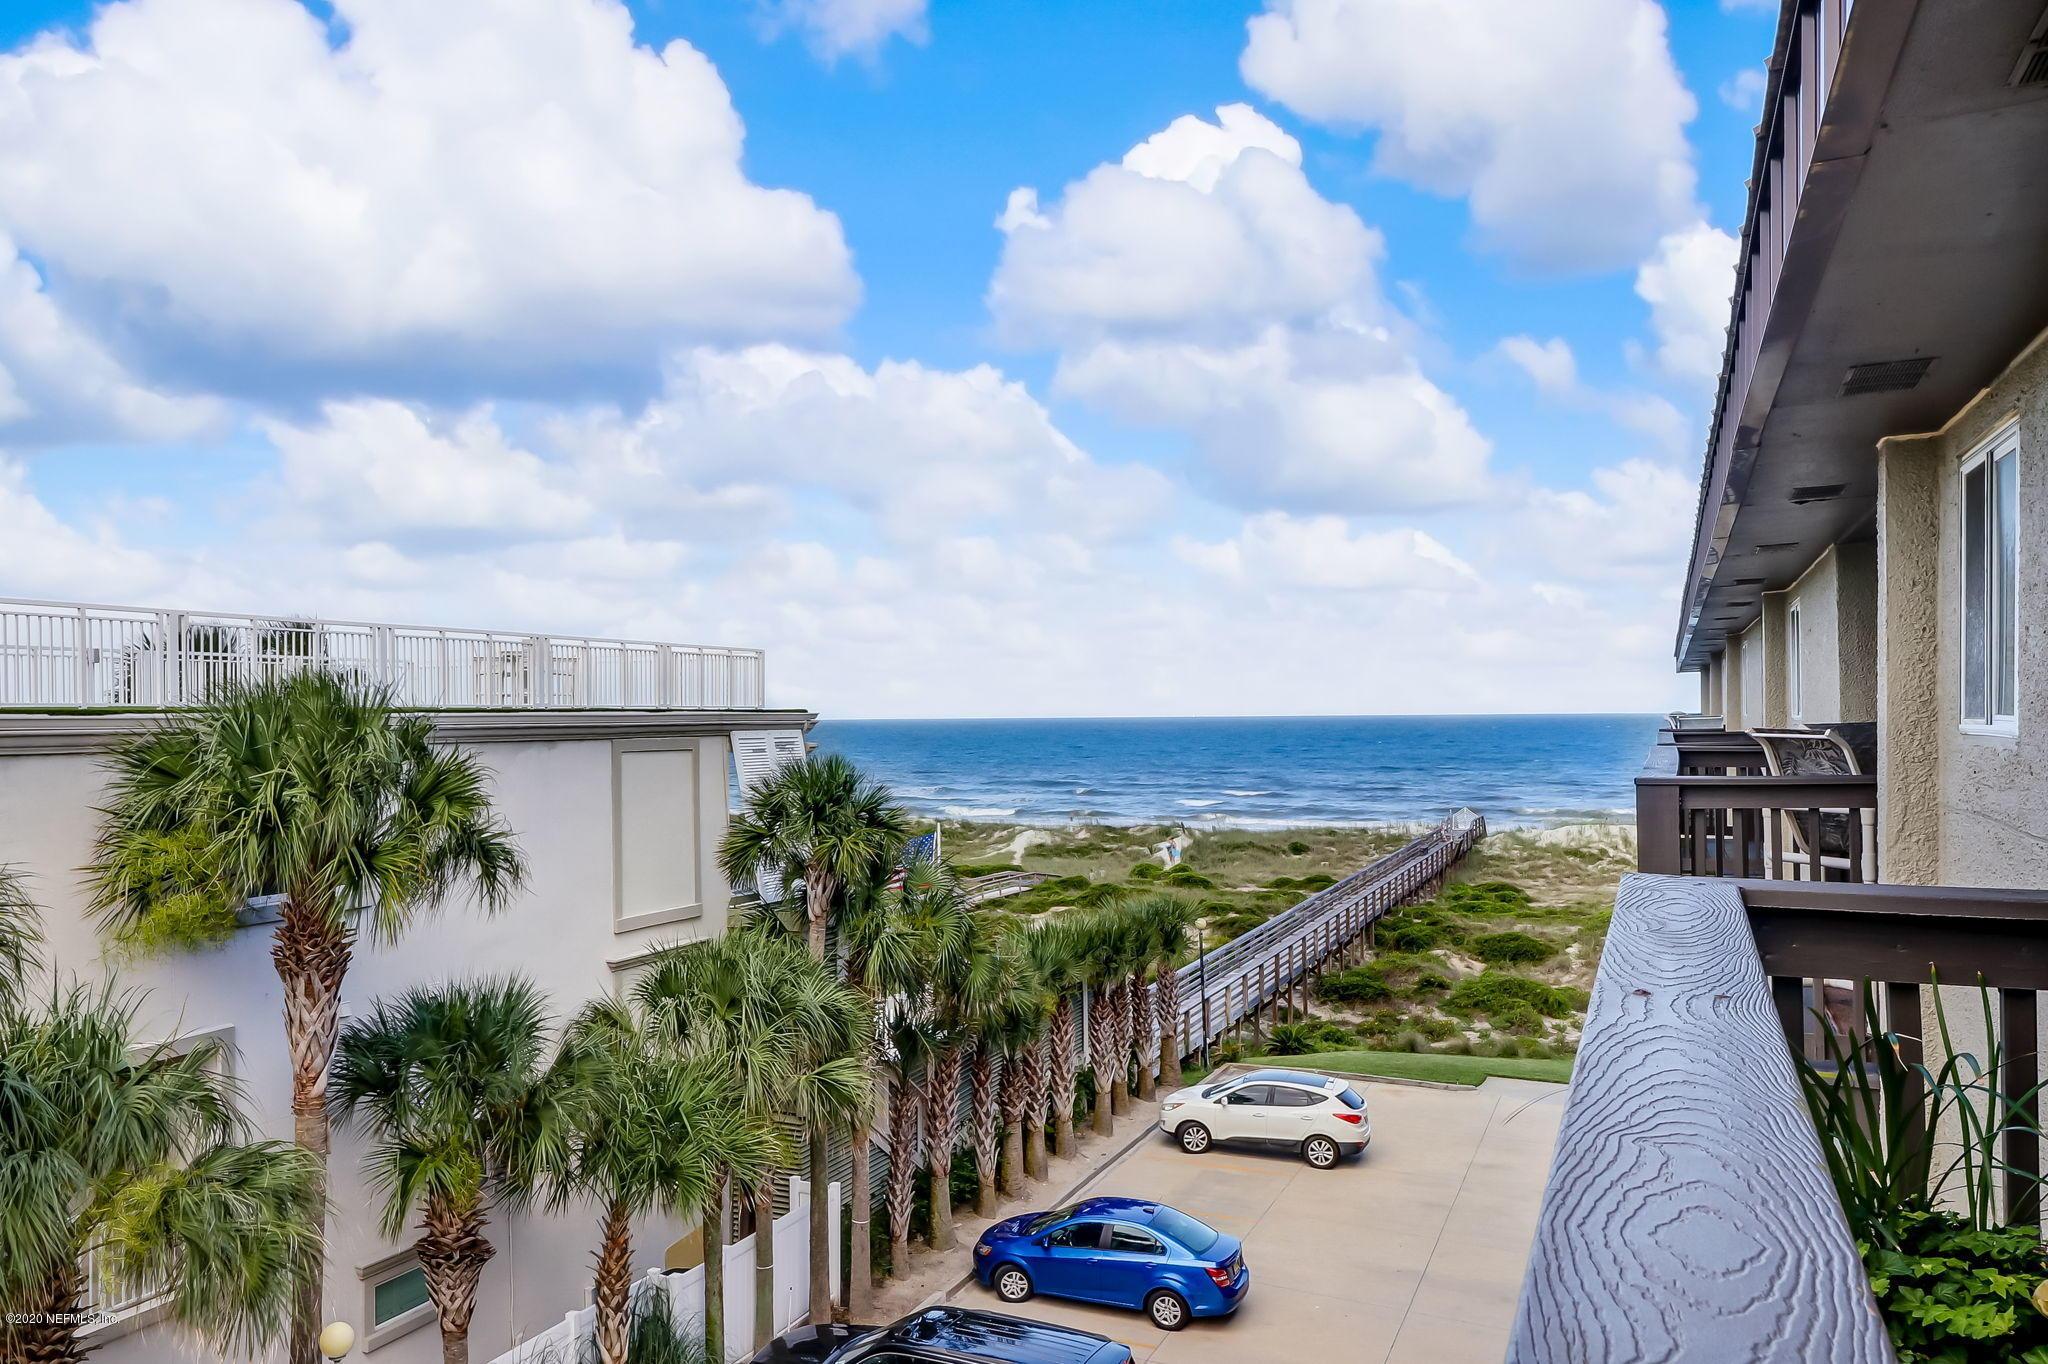 3056 FLETCHER, FERNANDINA BEACH, FLORIDA 32034, 2 Bedrooms Bedrooms, ,2 BathroomsBathrooms,Residential,For sale,FLETCHER,1058137